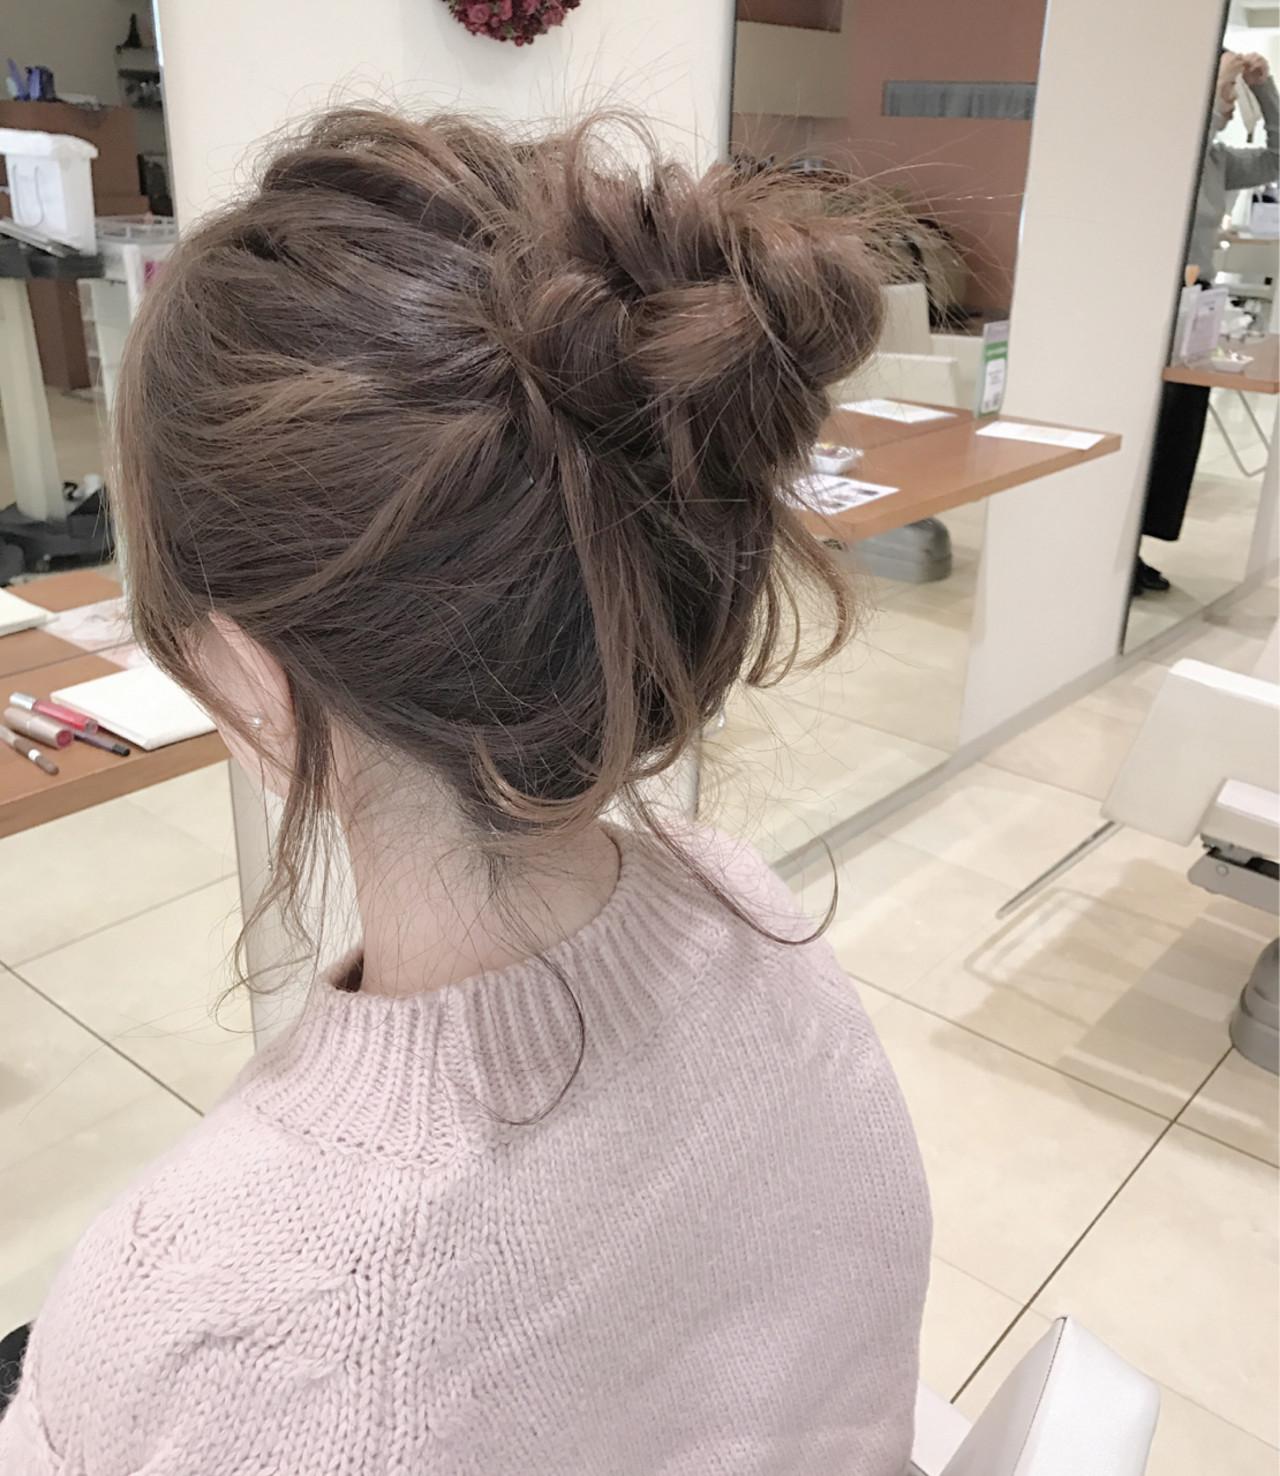 ショート ゆるふわ 大人女子 簡単ヘアアレンジ ヘアスタイルや髪型の写真・画像 | 小田 孝一 / Oase makoto brands